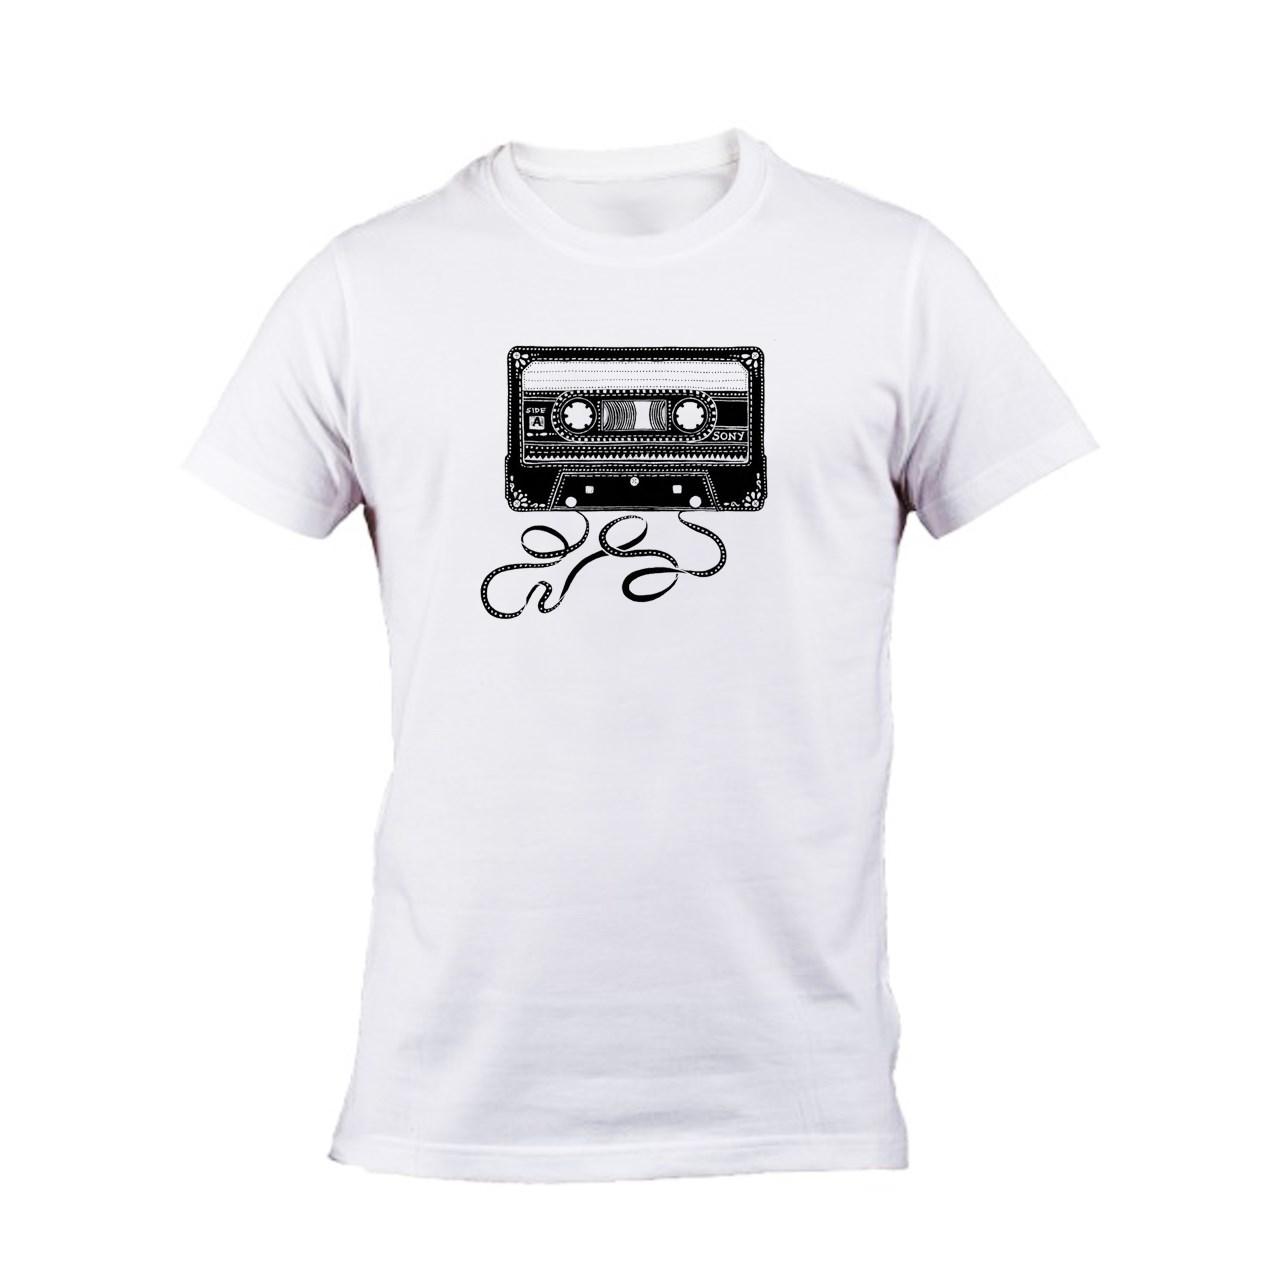 تی شرت مردانه واته آرت طرح نوار کاست کد 100